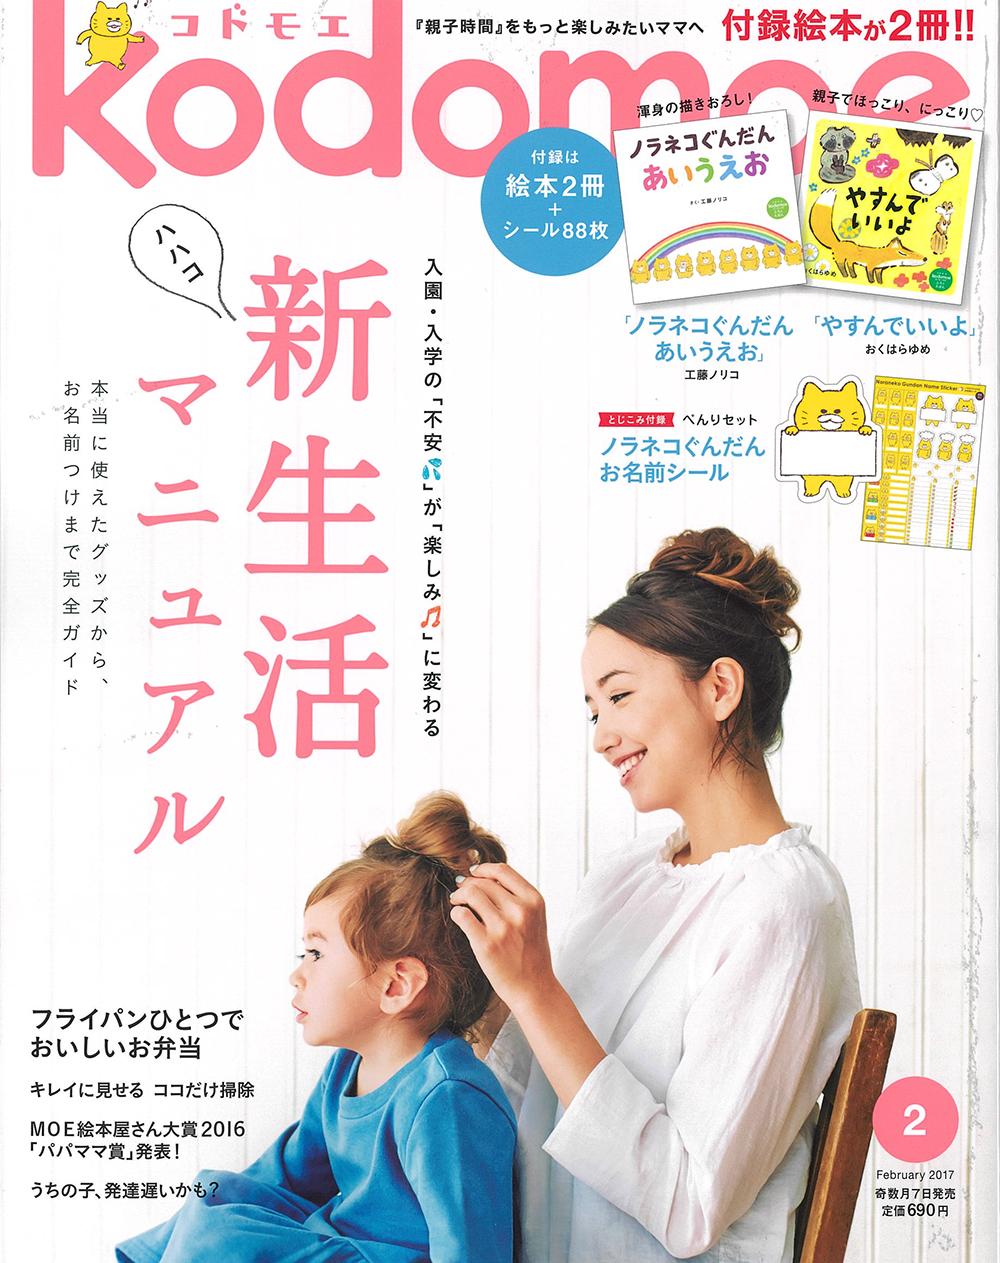 201701-KODOMOE-COVER.jpg